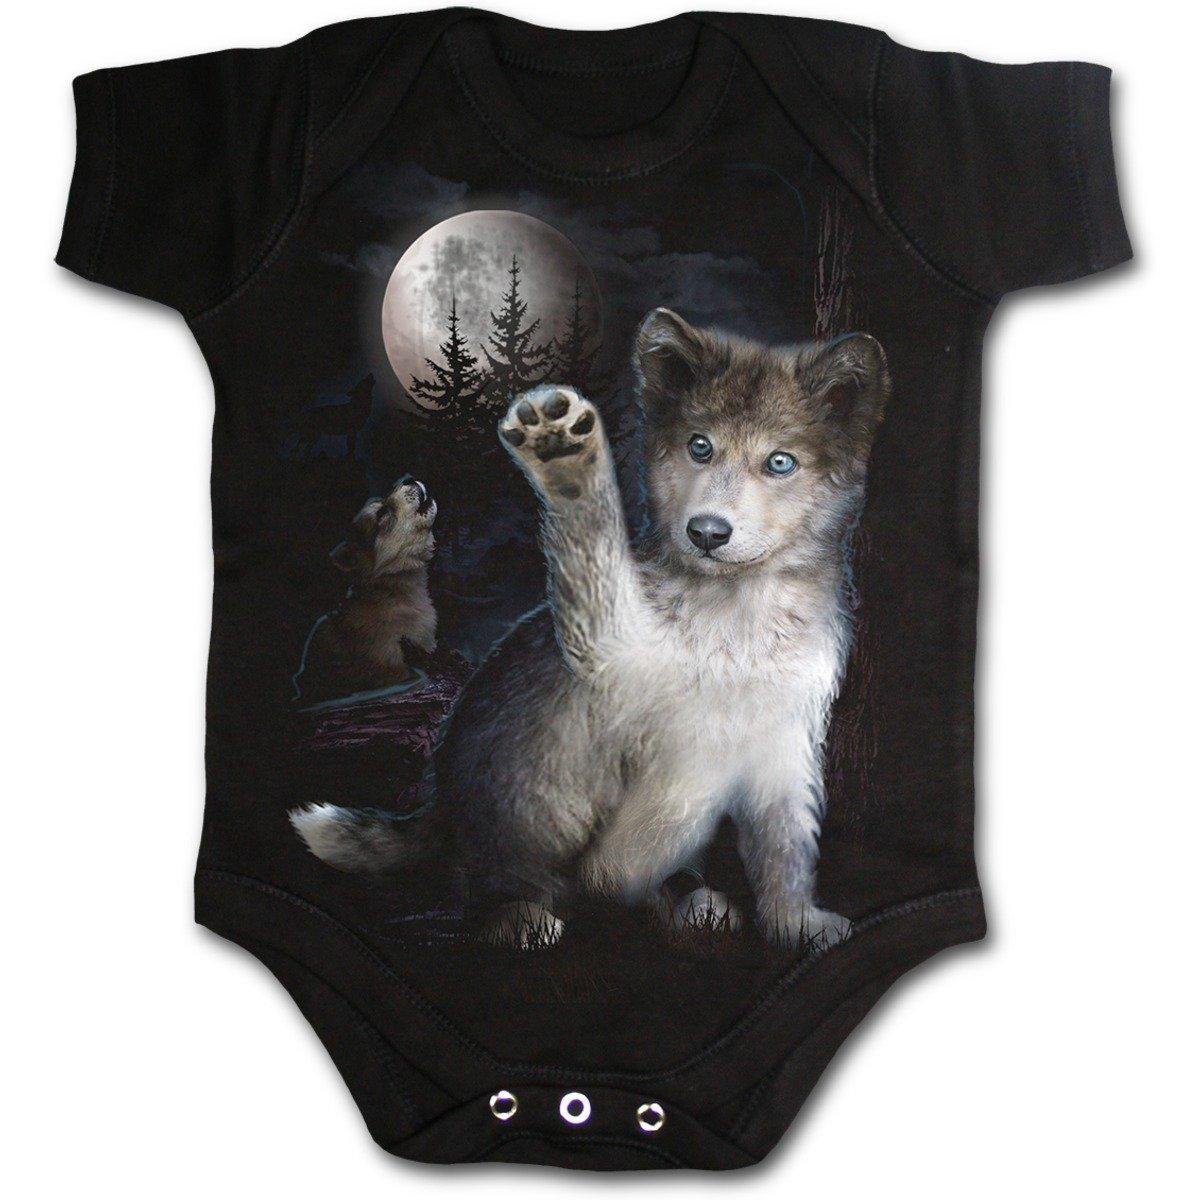 Spiral - WOLF PUPPY - Baby Sleepsuit Black Spiral Direct Ltd F032K002